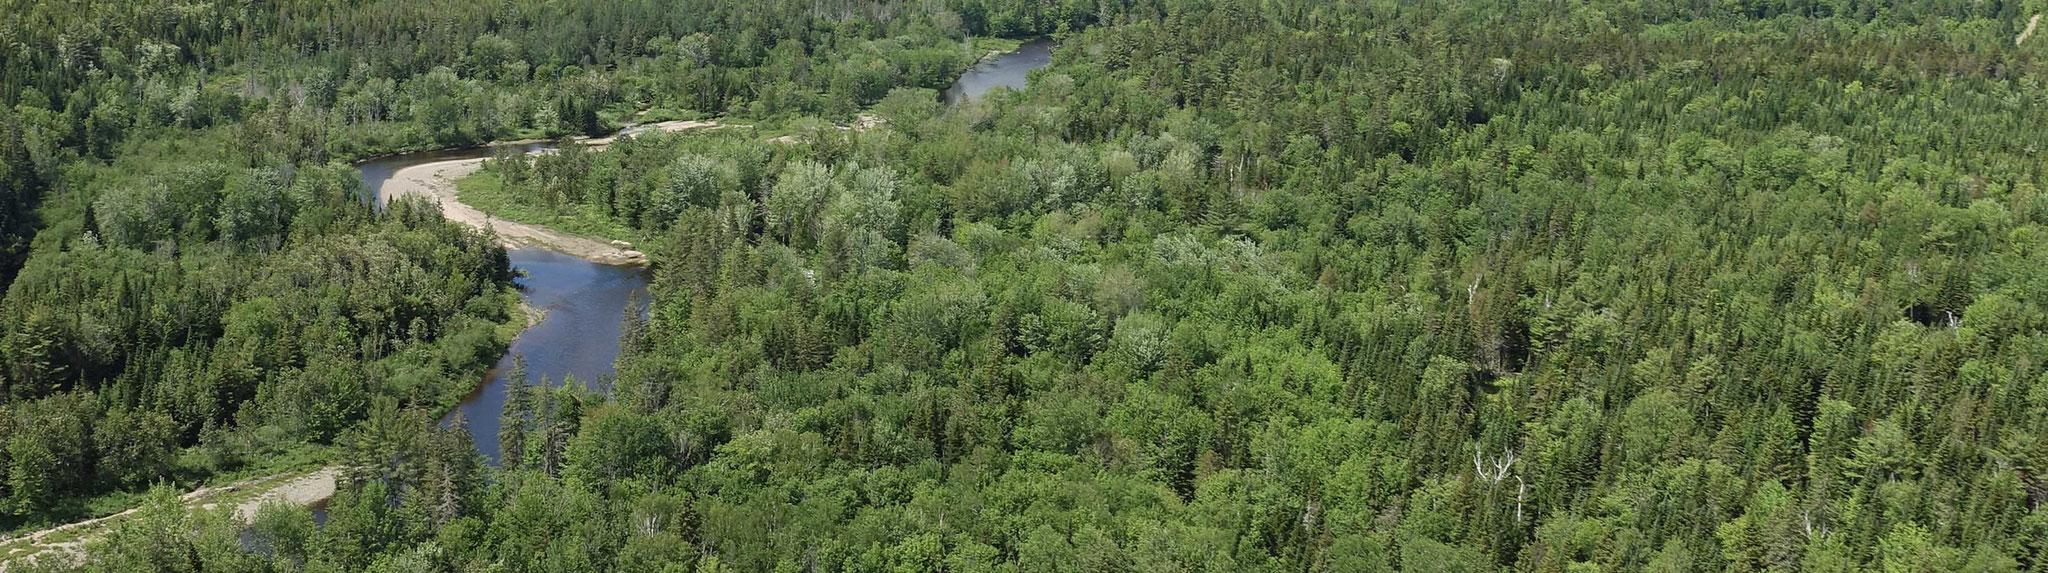 title:Boyd Mountain Forest,title2:Wald mit Ufer,provinz:New Brunswick,bezirk:Albert,art:Mischwald,flaeche:237 ha,ufer:3.000 Meter,preis:C$450.000